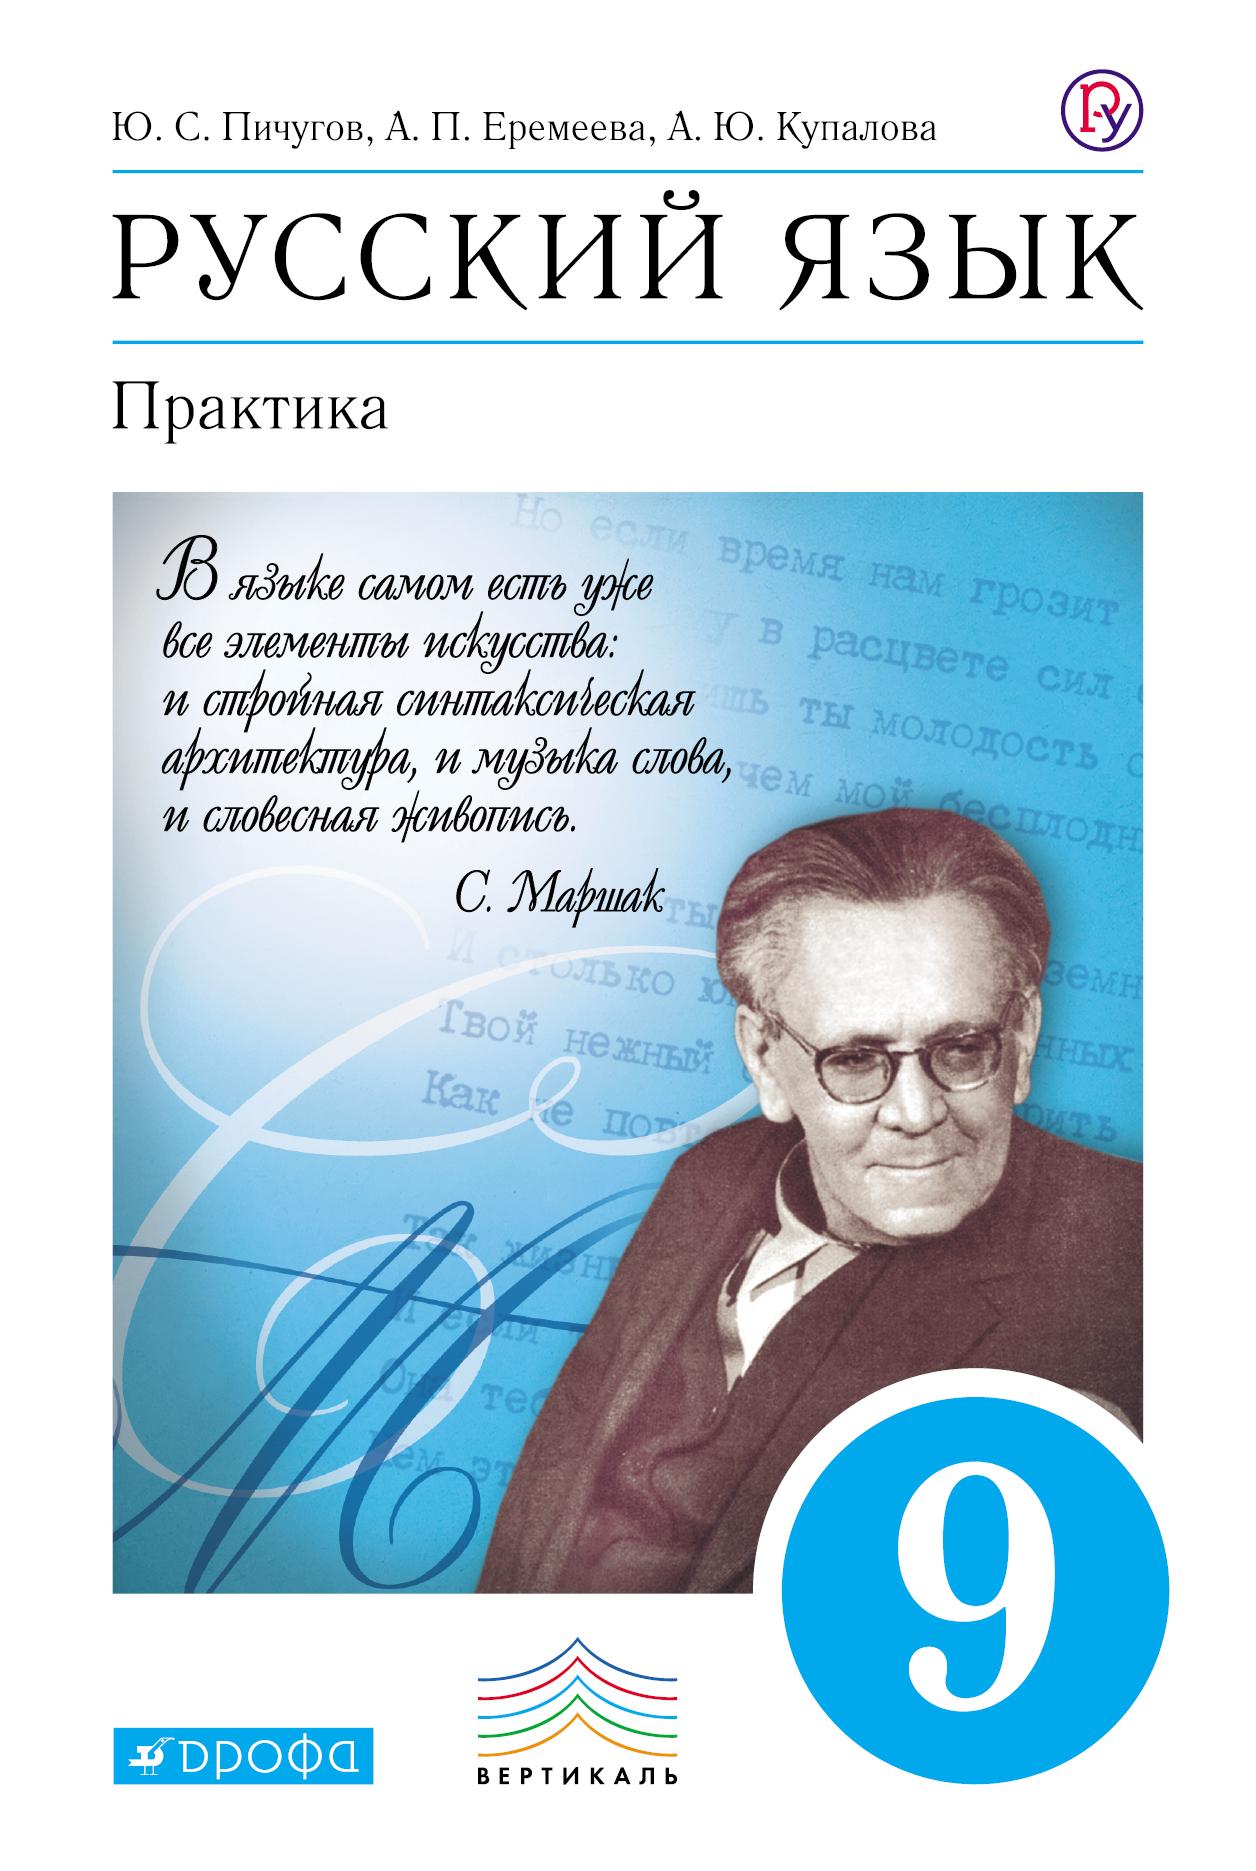 Гдз русский язык под редакцией пичугова